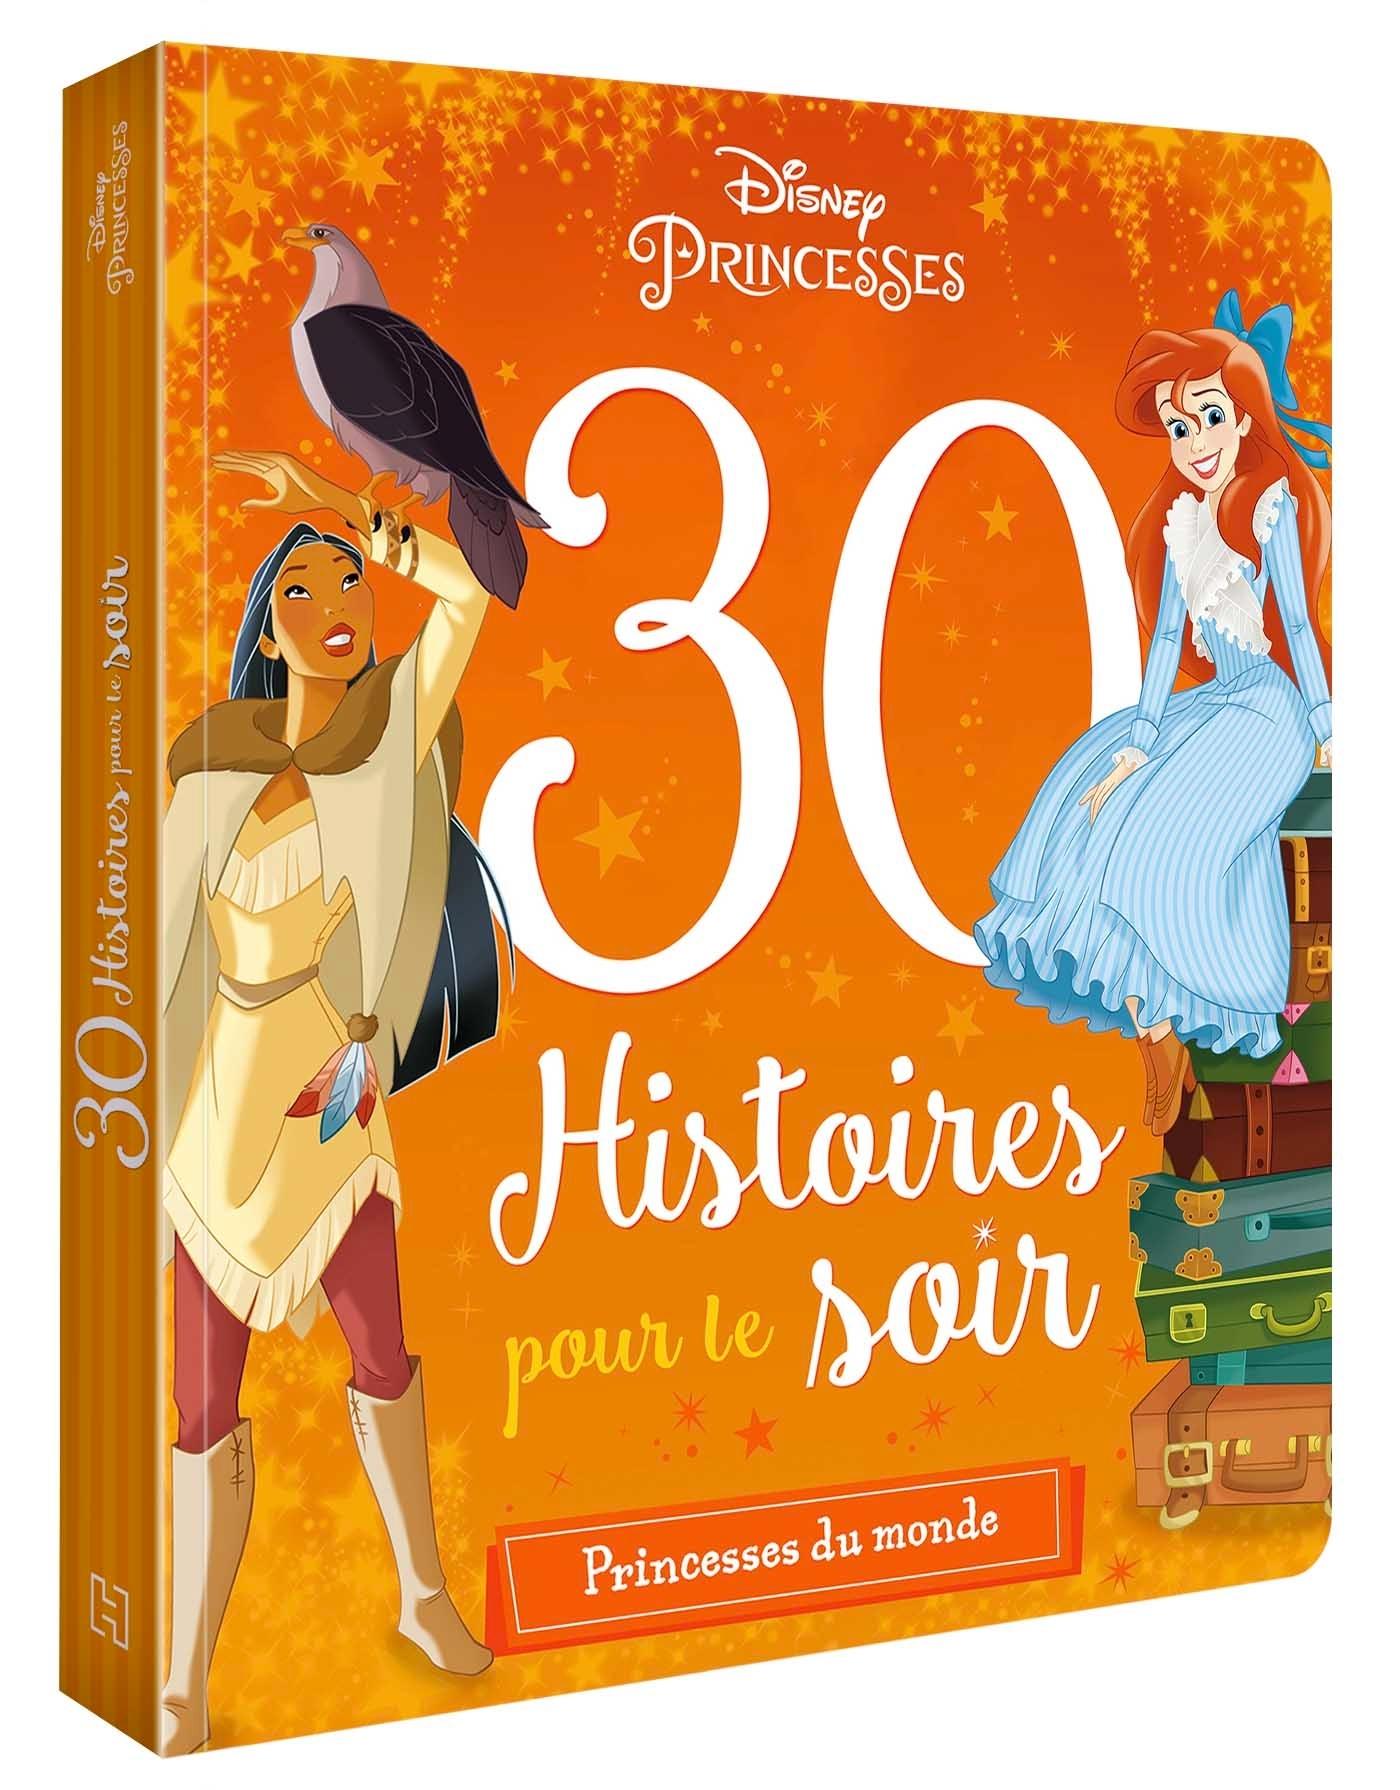 DISNEY PRINCESSES - 30 HISTOIRES POUR LE SOIR - HEROINES DU MONDE